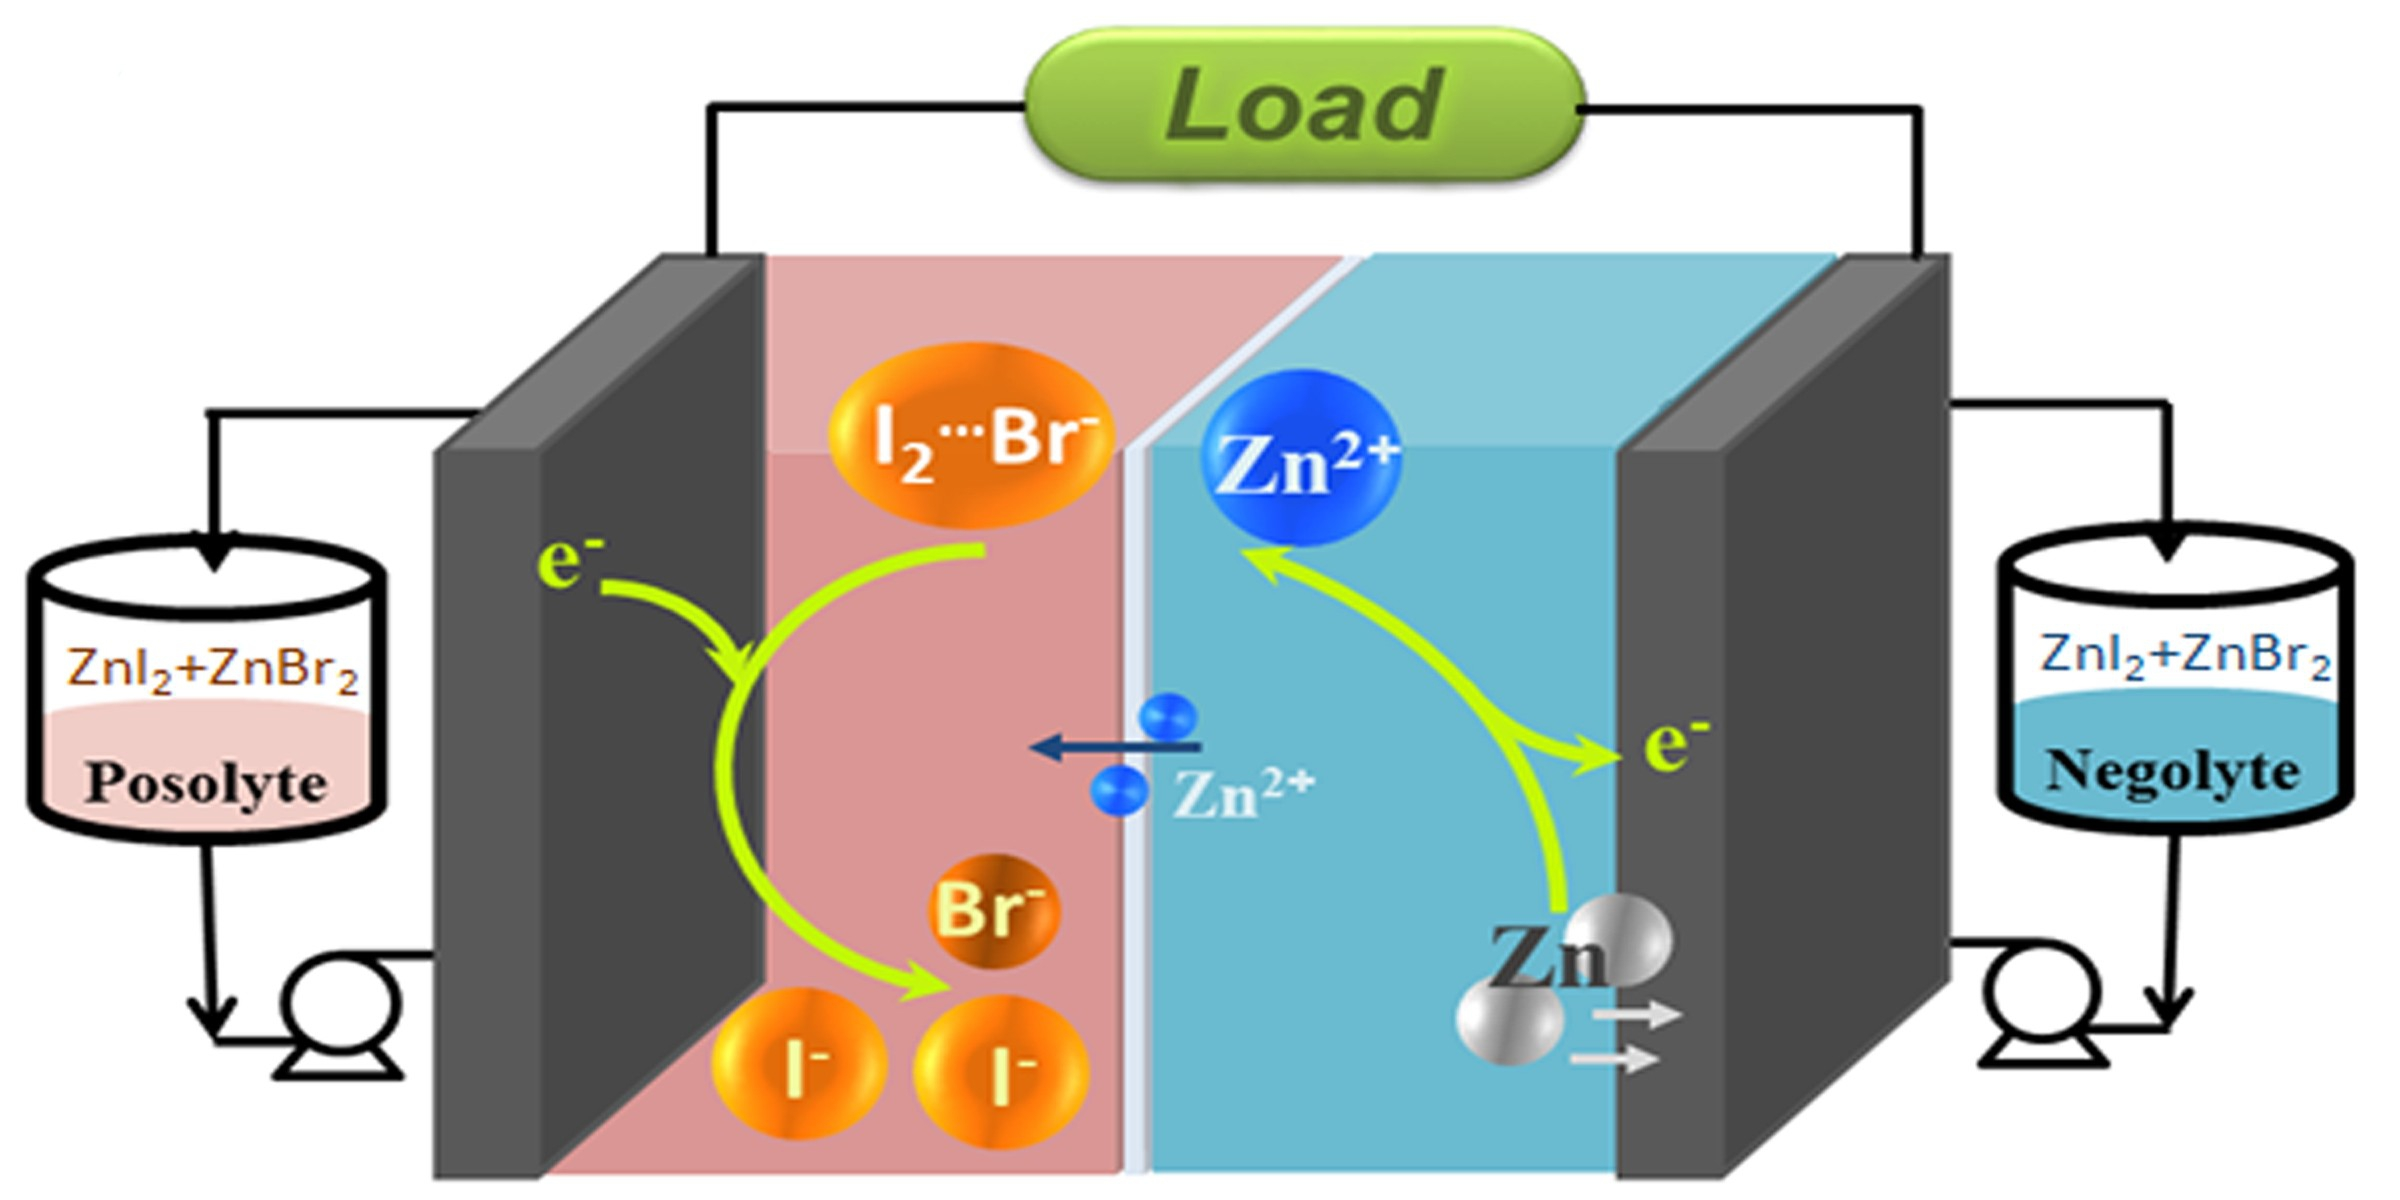 鋅-碘溴液流電池的結構設計圖示。